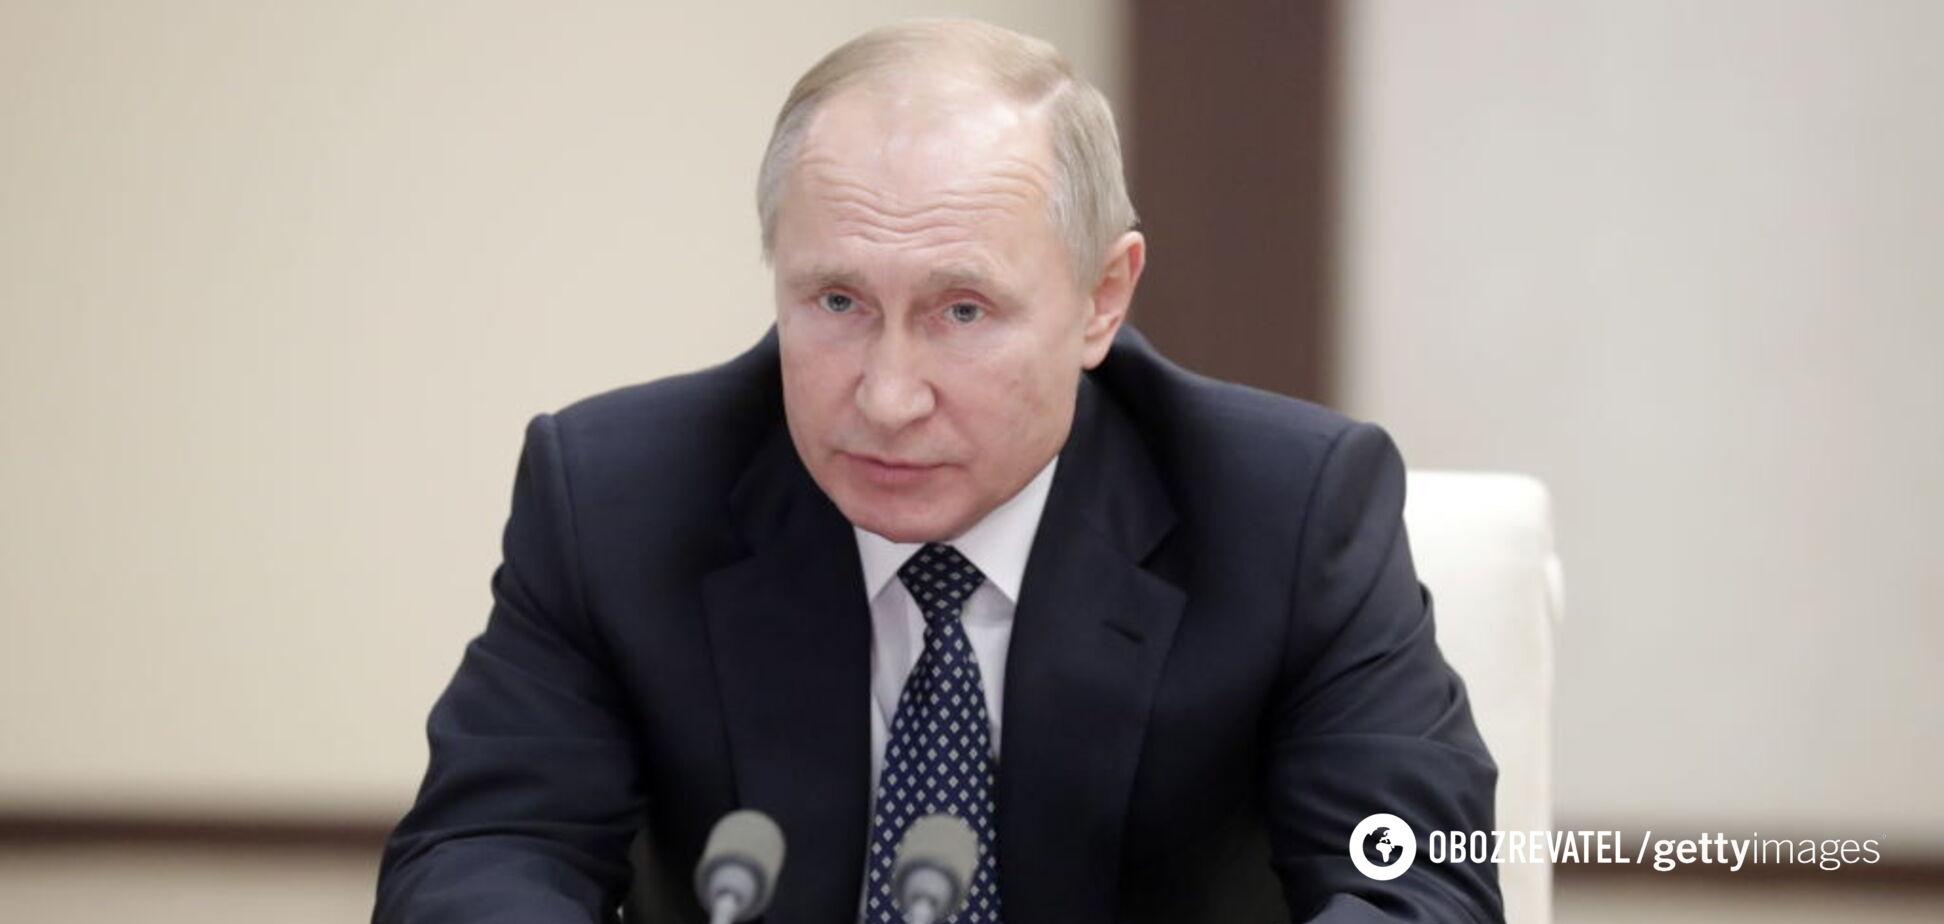 Разведка США обвинила Путина в спецоперации против Украины: скандальное расследование